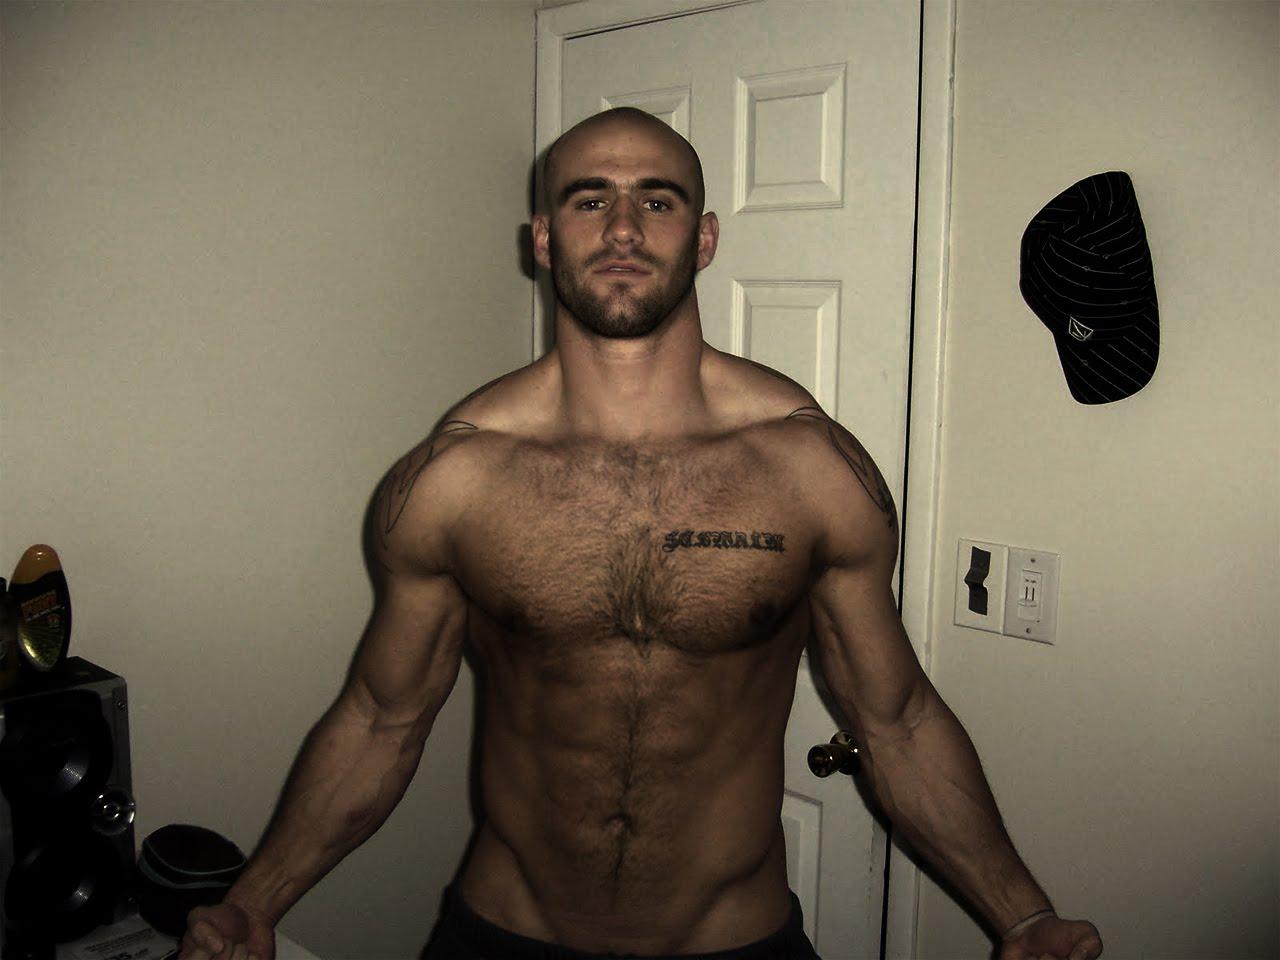 Сильно волосатый мужик, Волосатые парни ВКонтакте 4 фотография